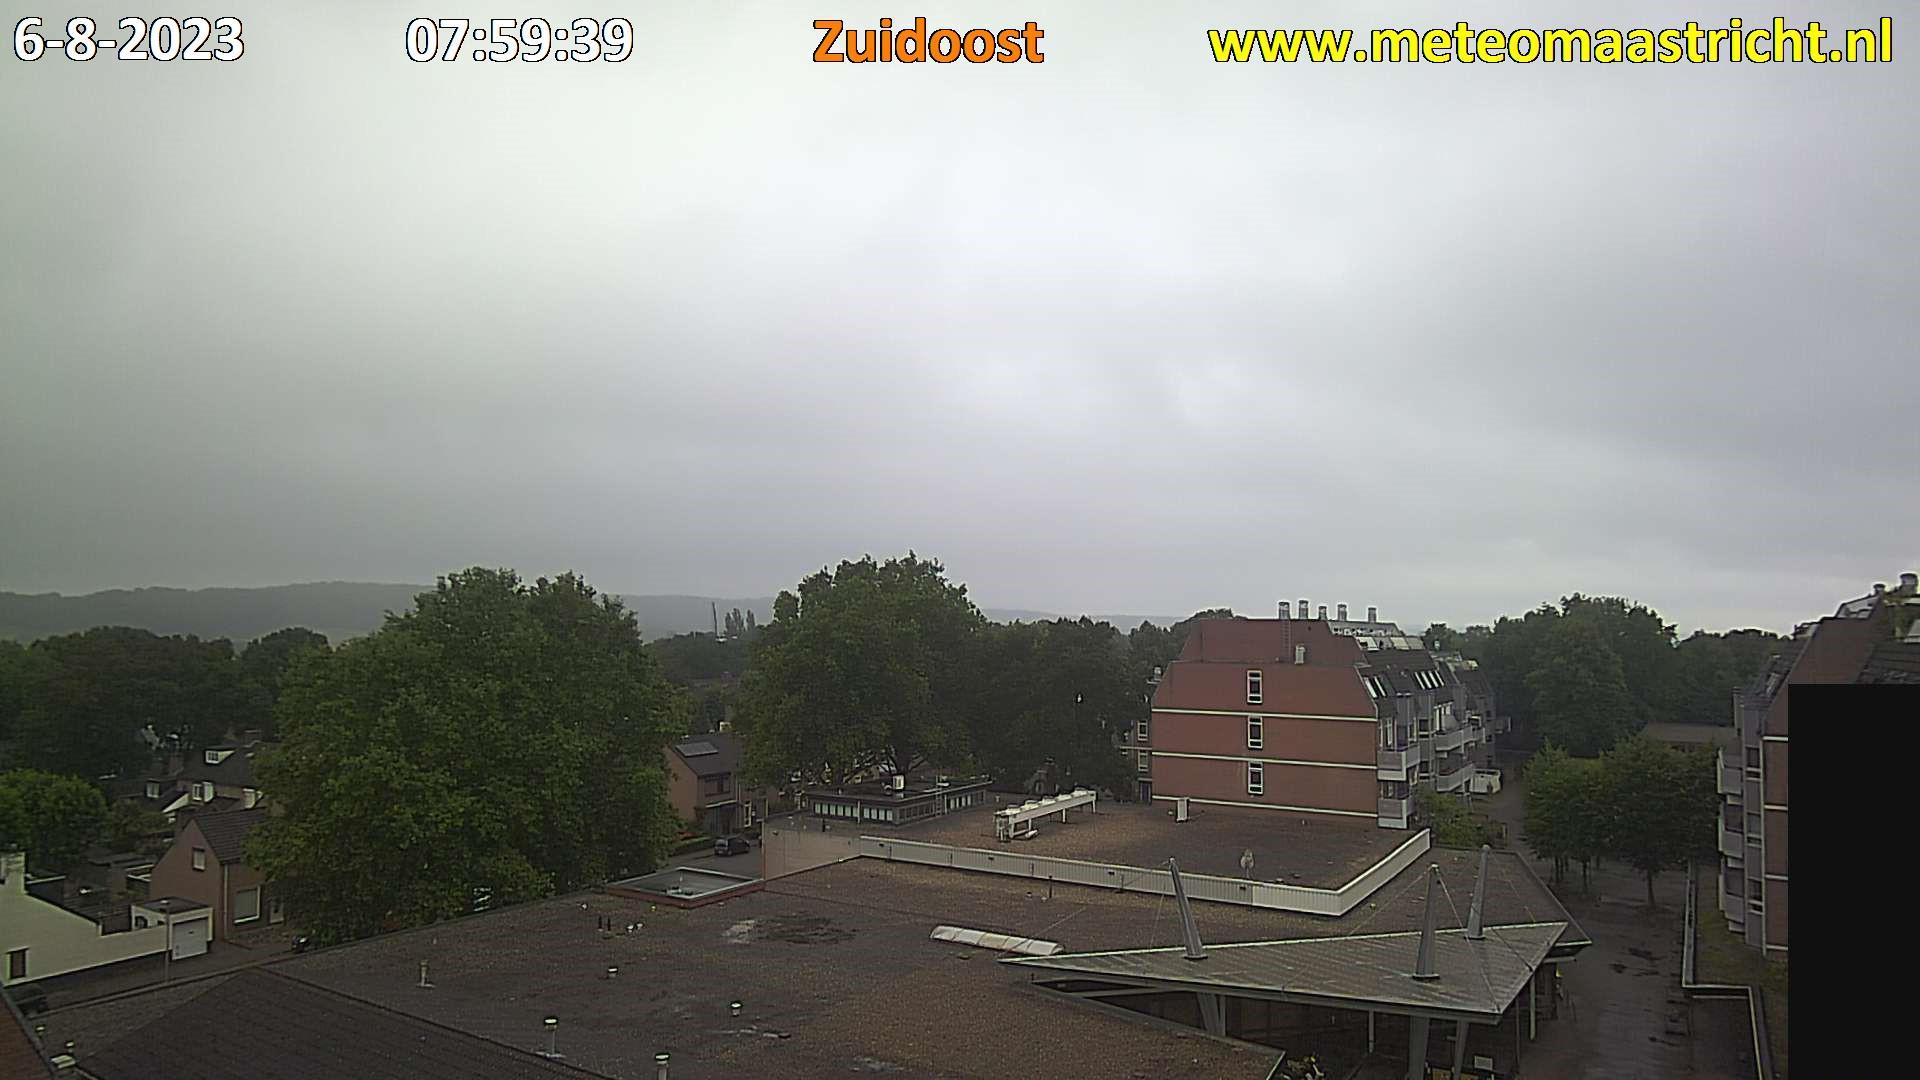 Webkamera Maastricht: De Heeg (view southeast)